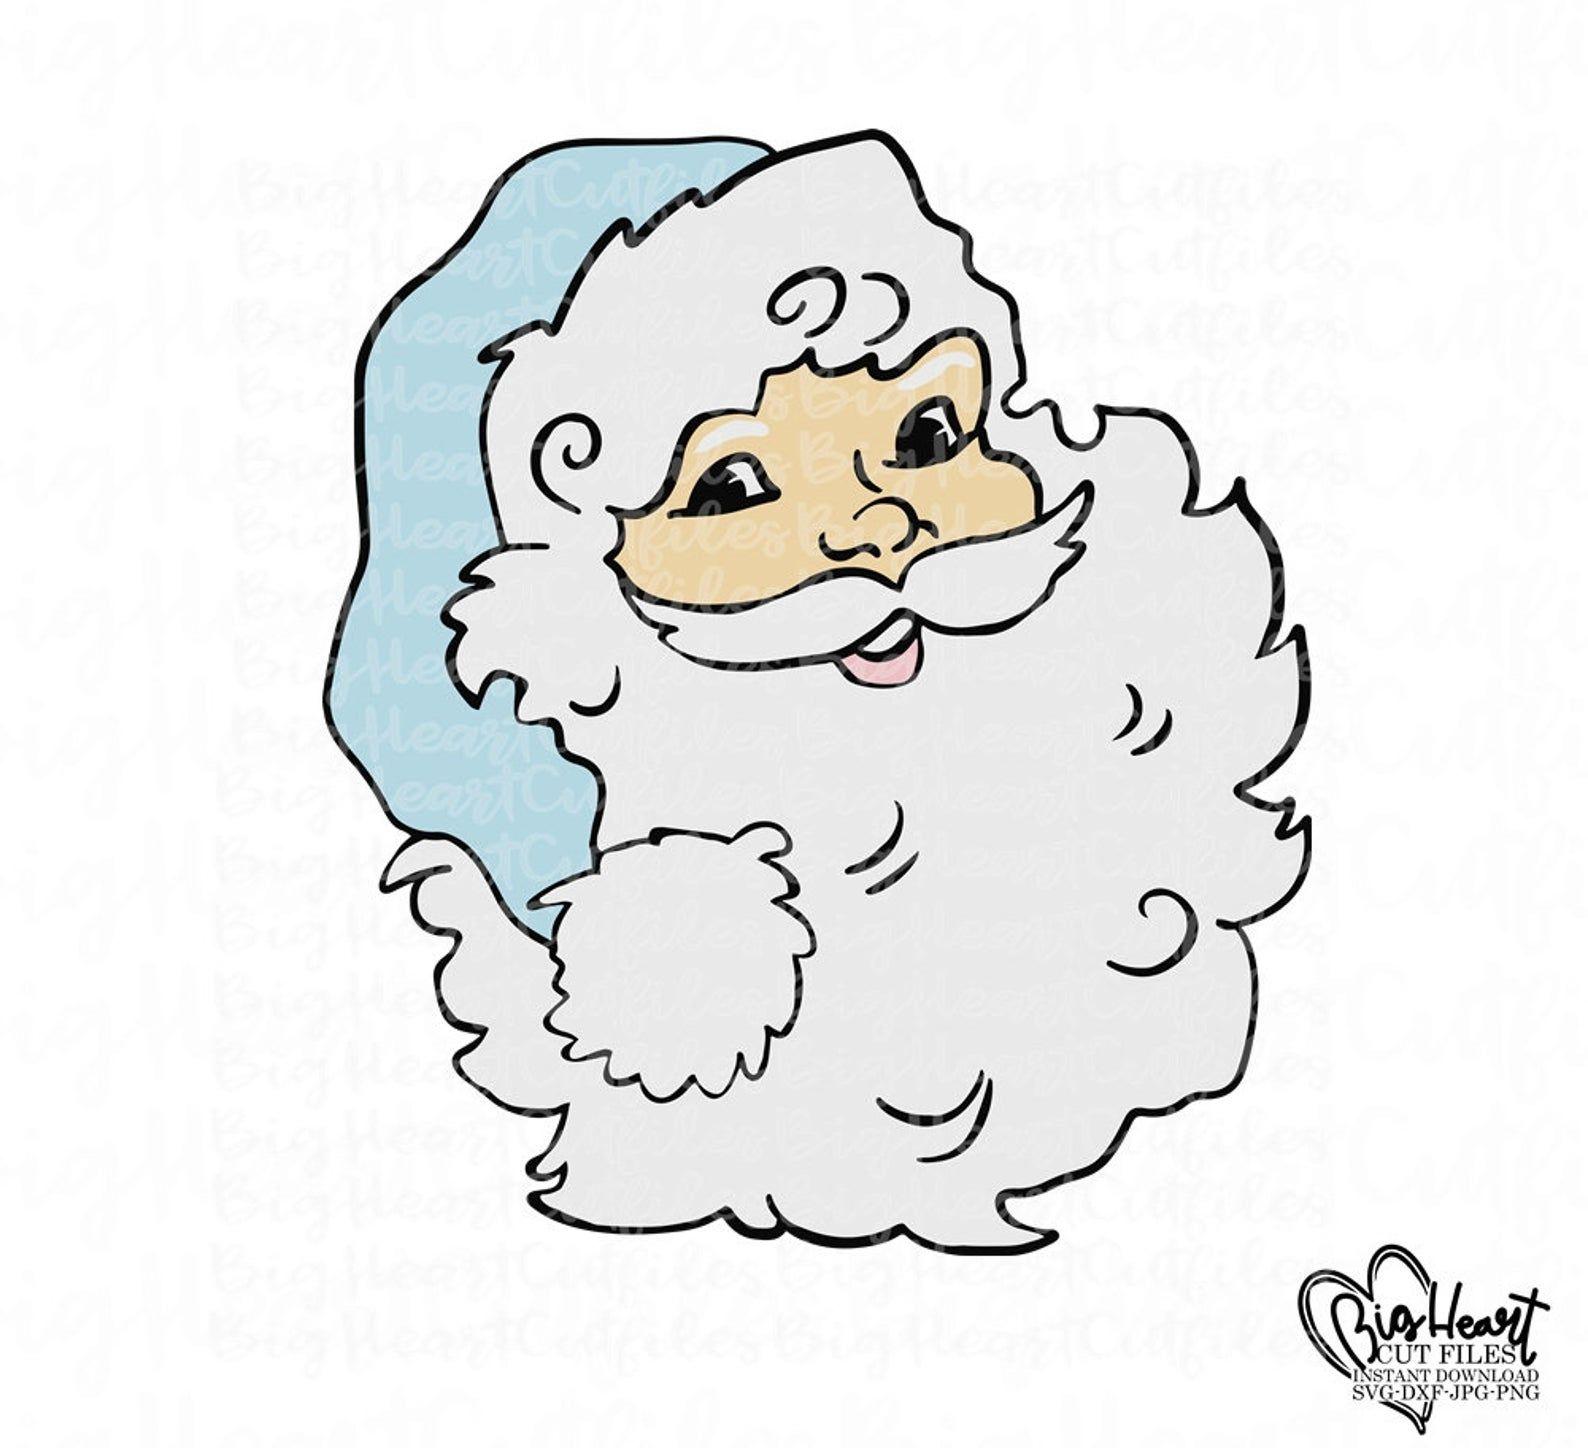 Santa Claus Svgsanta Face Svgpngjpgdxfsanta Head Etsy Santa Face Christmas Svg Vintage Santas